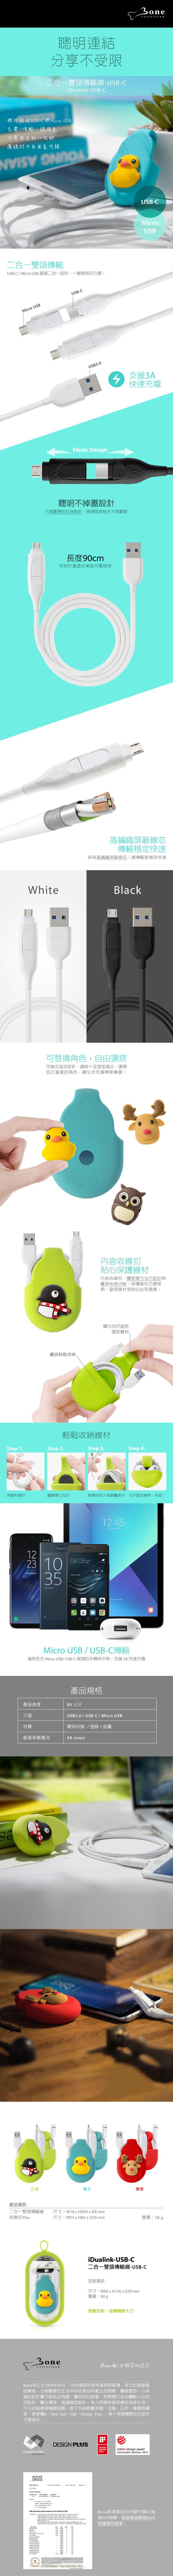 (複製)Bone|二合一雙頭傳輸線 - 企鵝Maru   充電線 兩用線 Android APPLE官方認證 iPhone